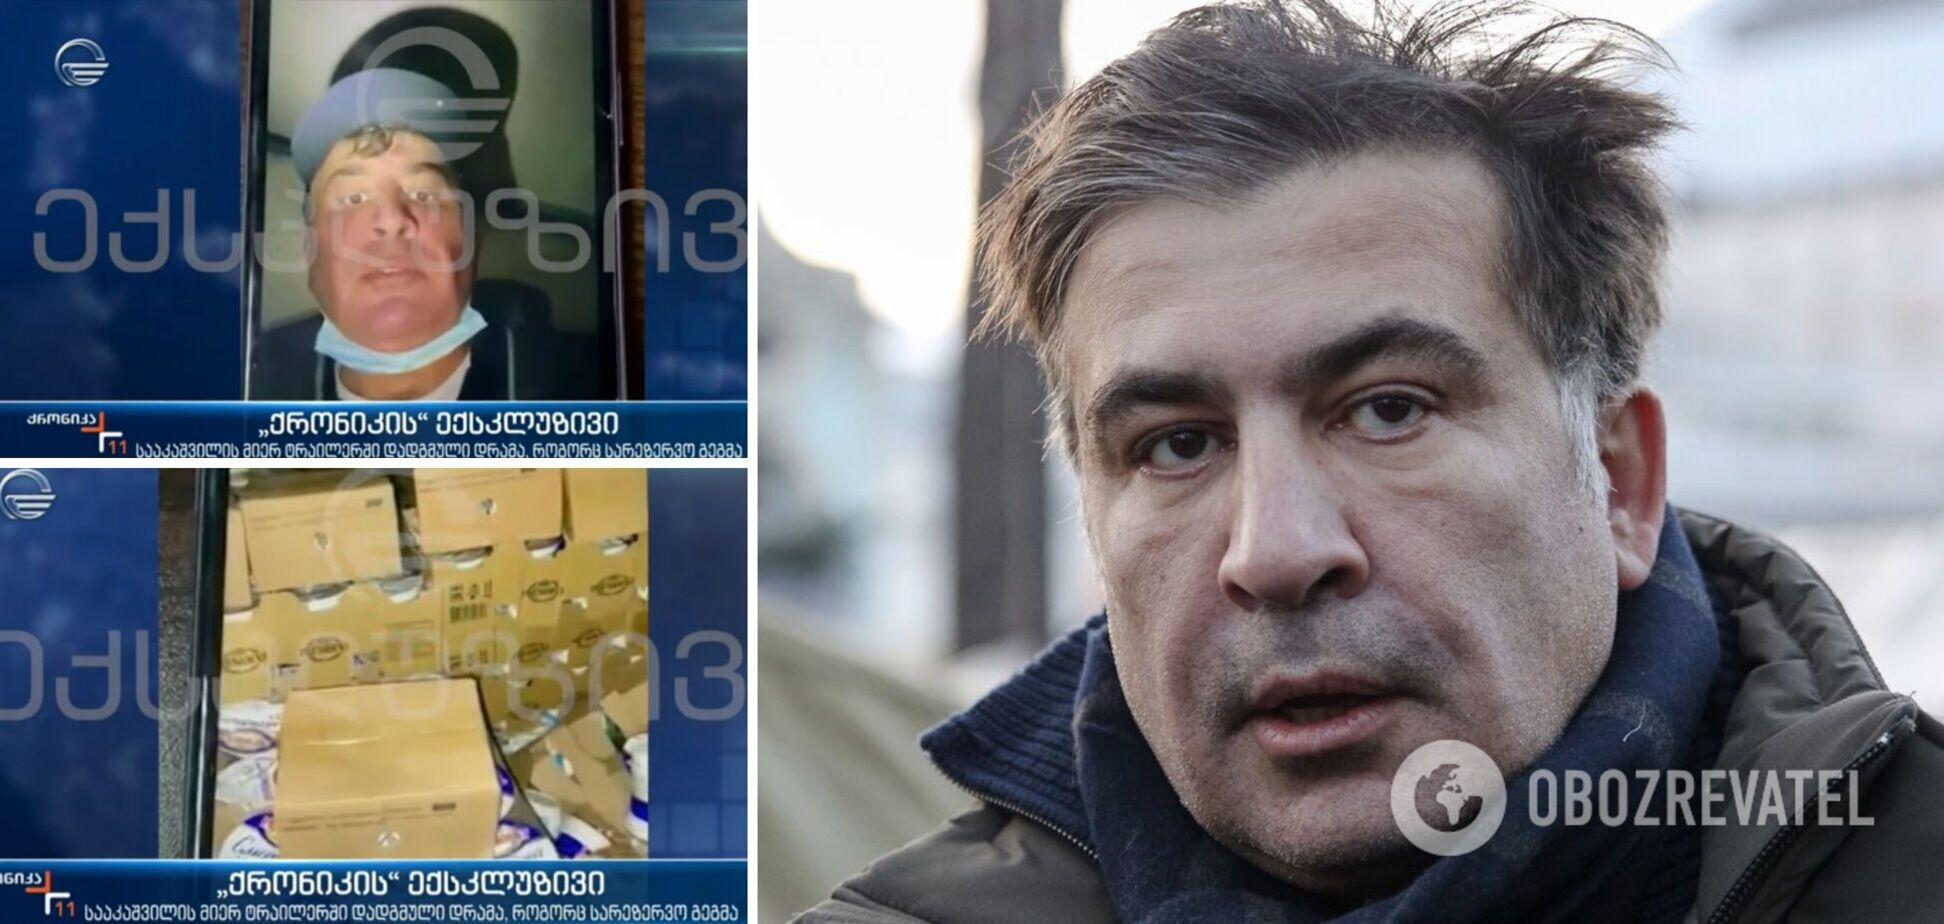 У Грузії показали відео з 'викраденням' Саакашвілі: могло бути записане у фурі з молокопродуктами